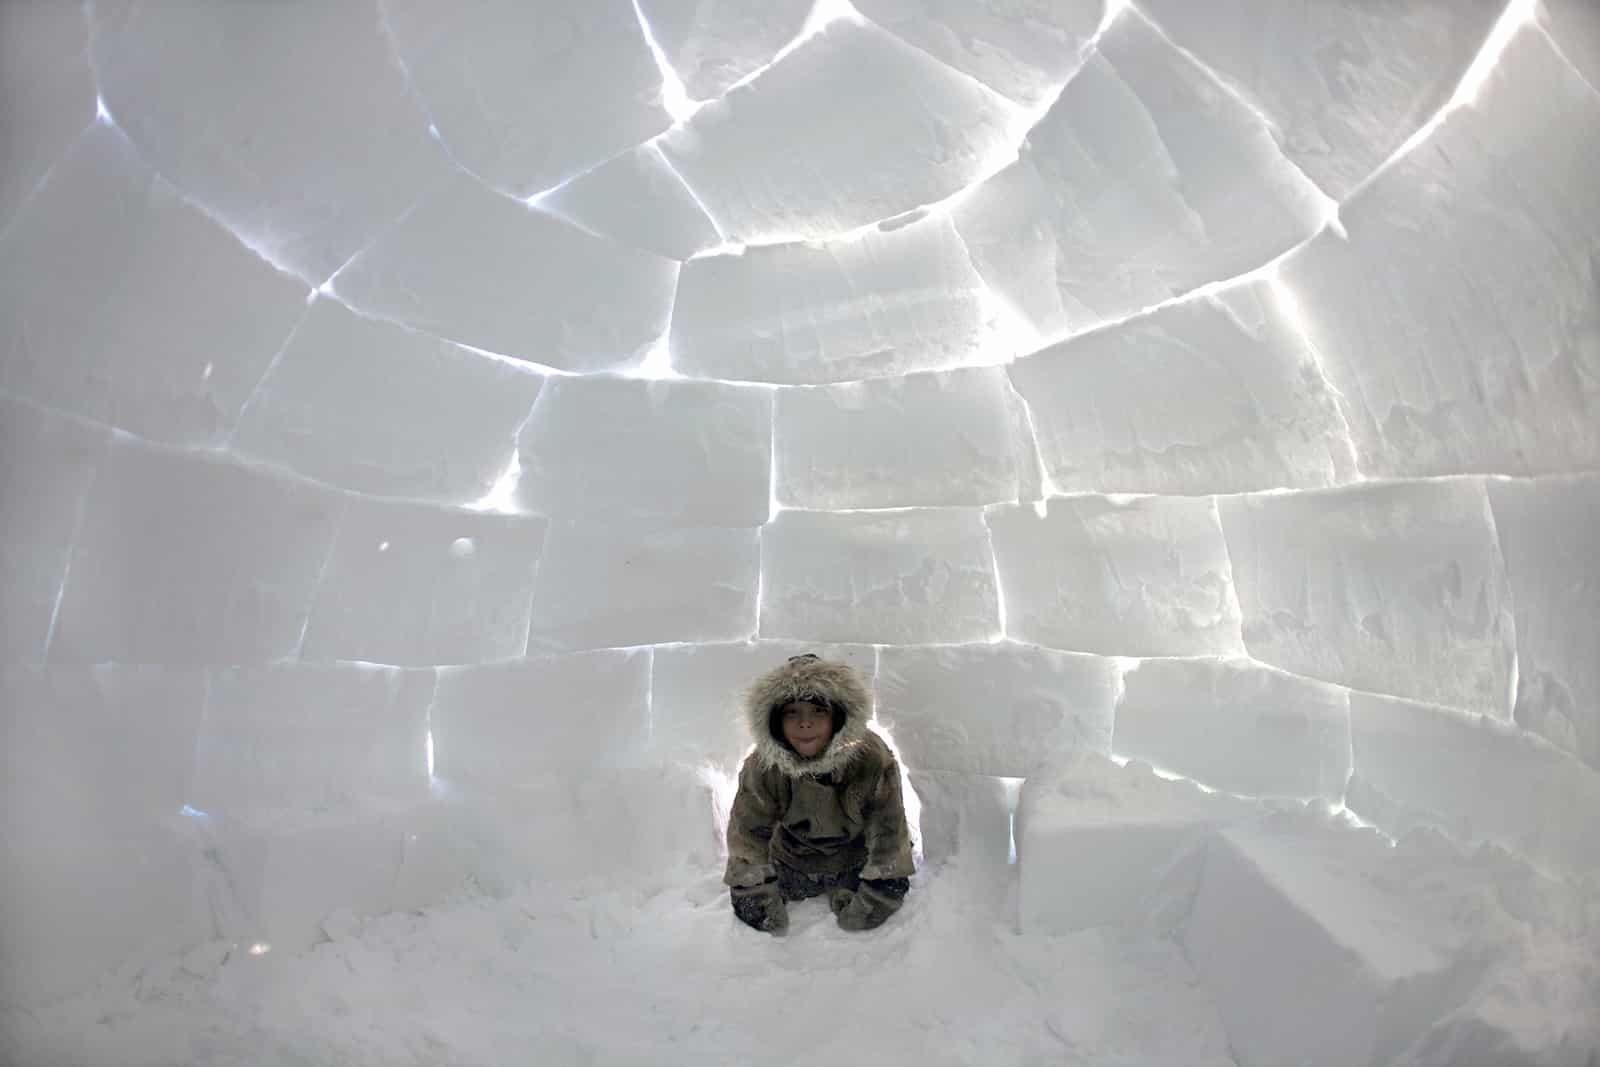 Campement d'Inuits au pôle Nord © Ton Koene